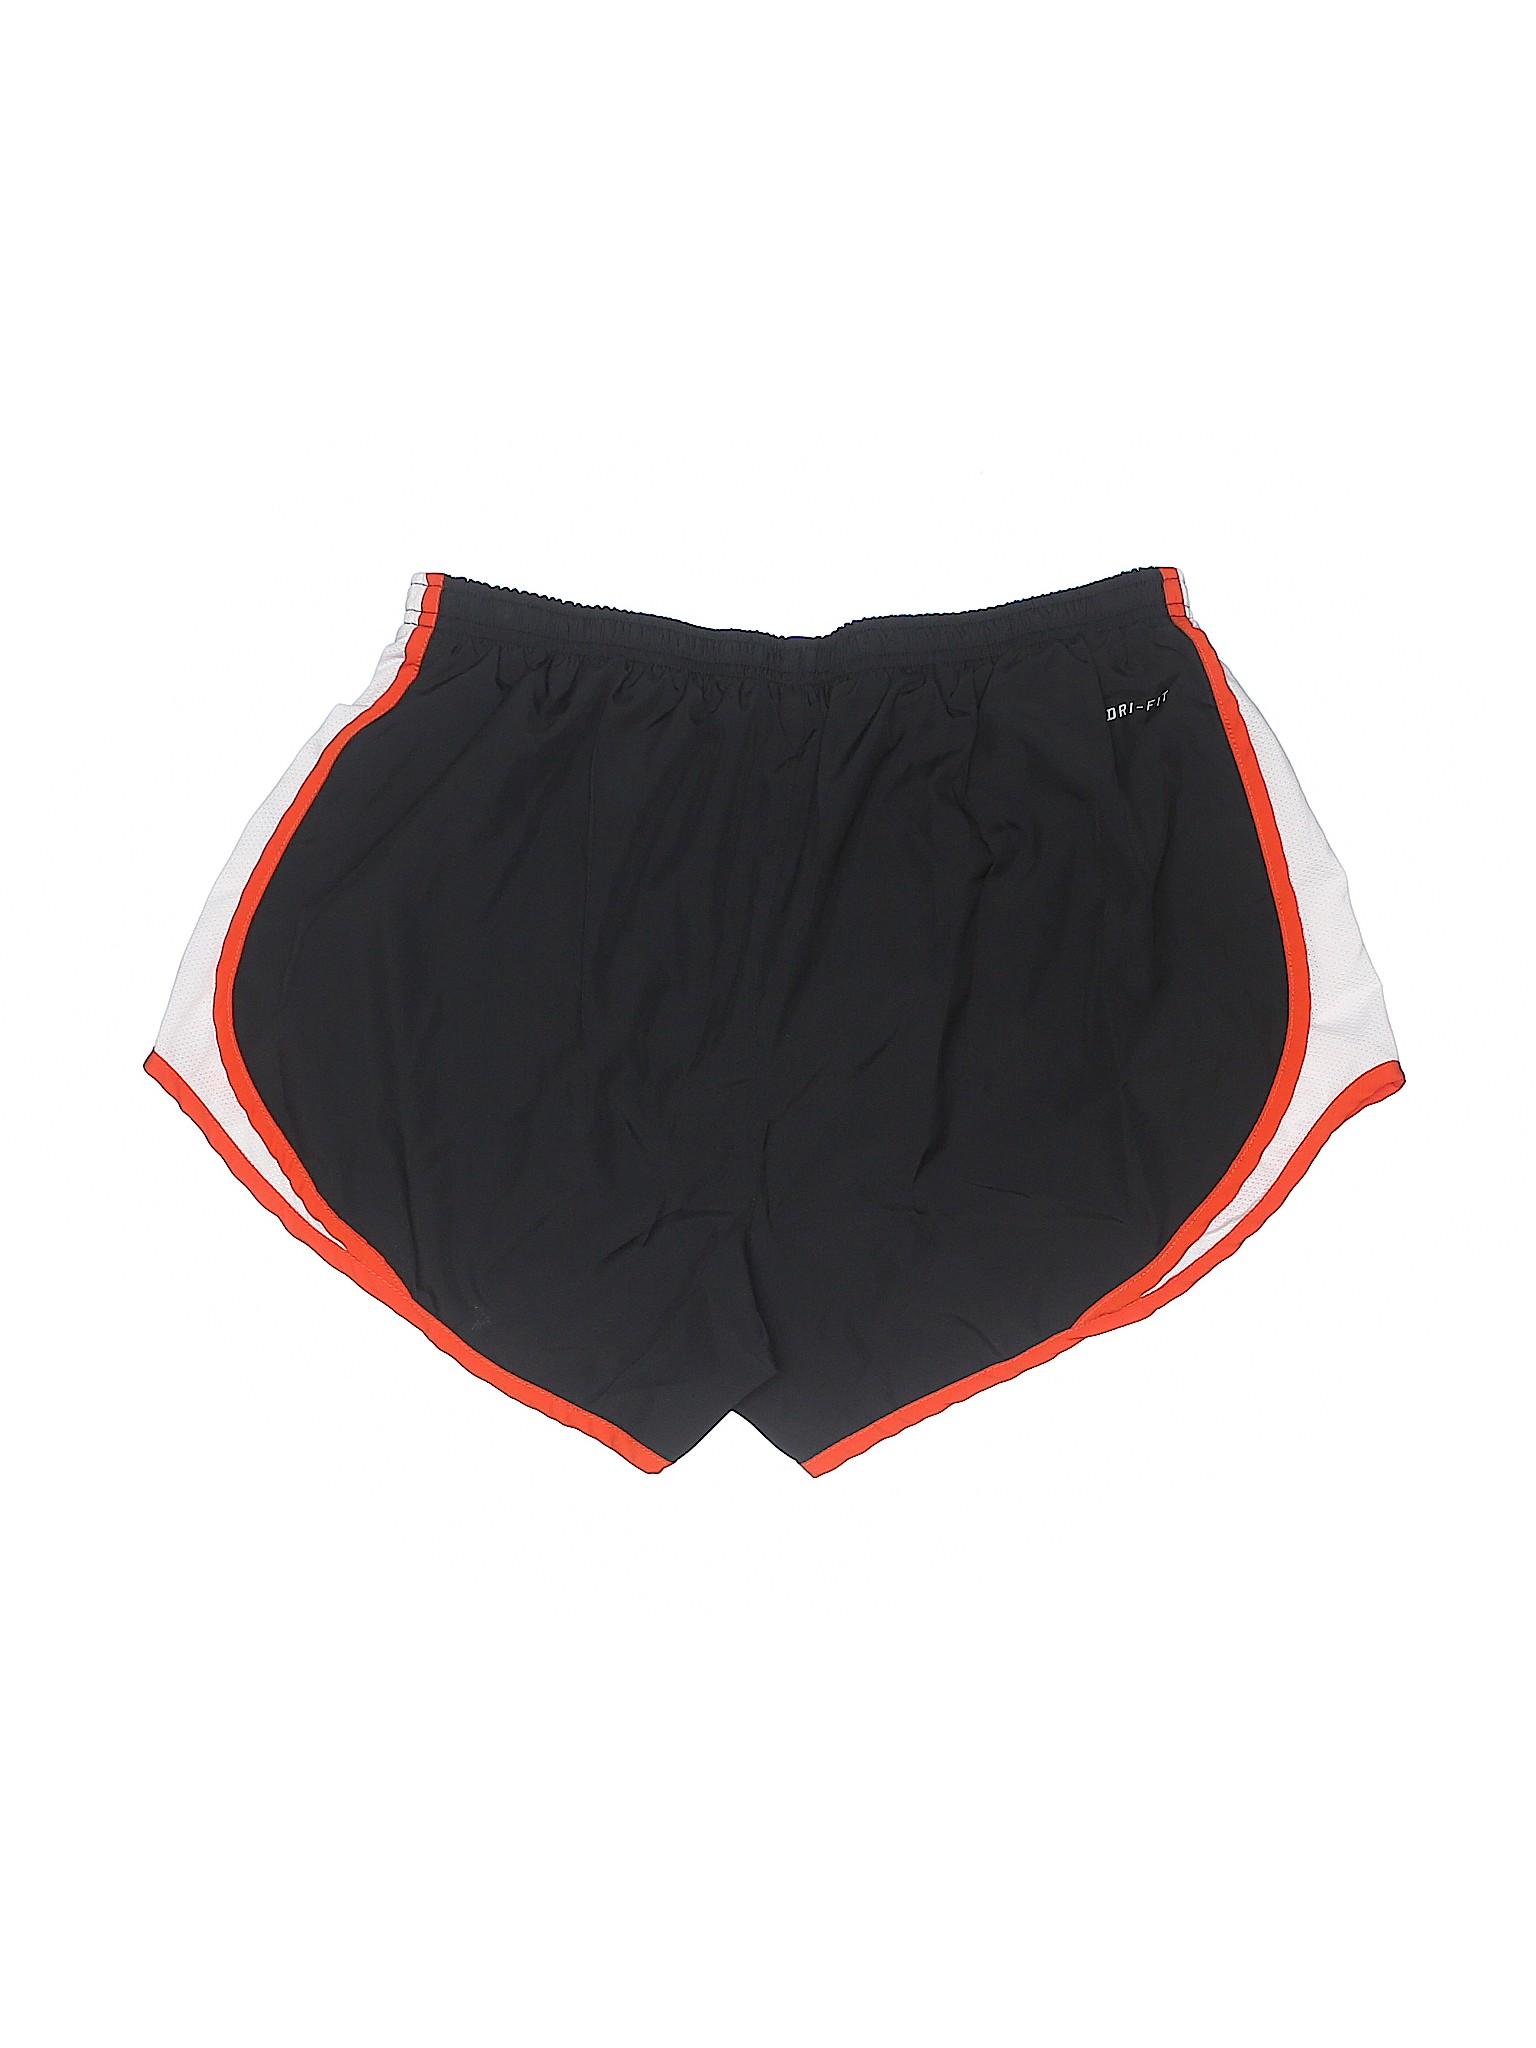 Boutique Boutique leisure Athletic Shorts Nike leisure Athletic Nike leisure Boutique Shorts Y5RAH